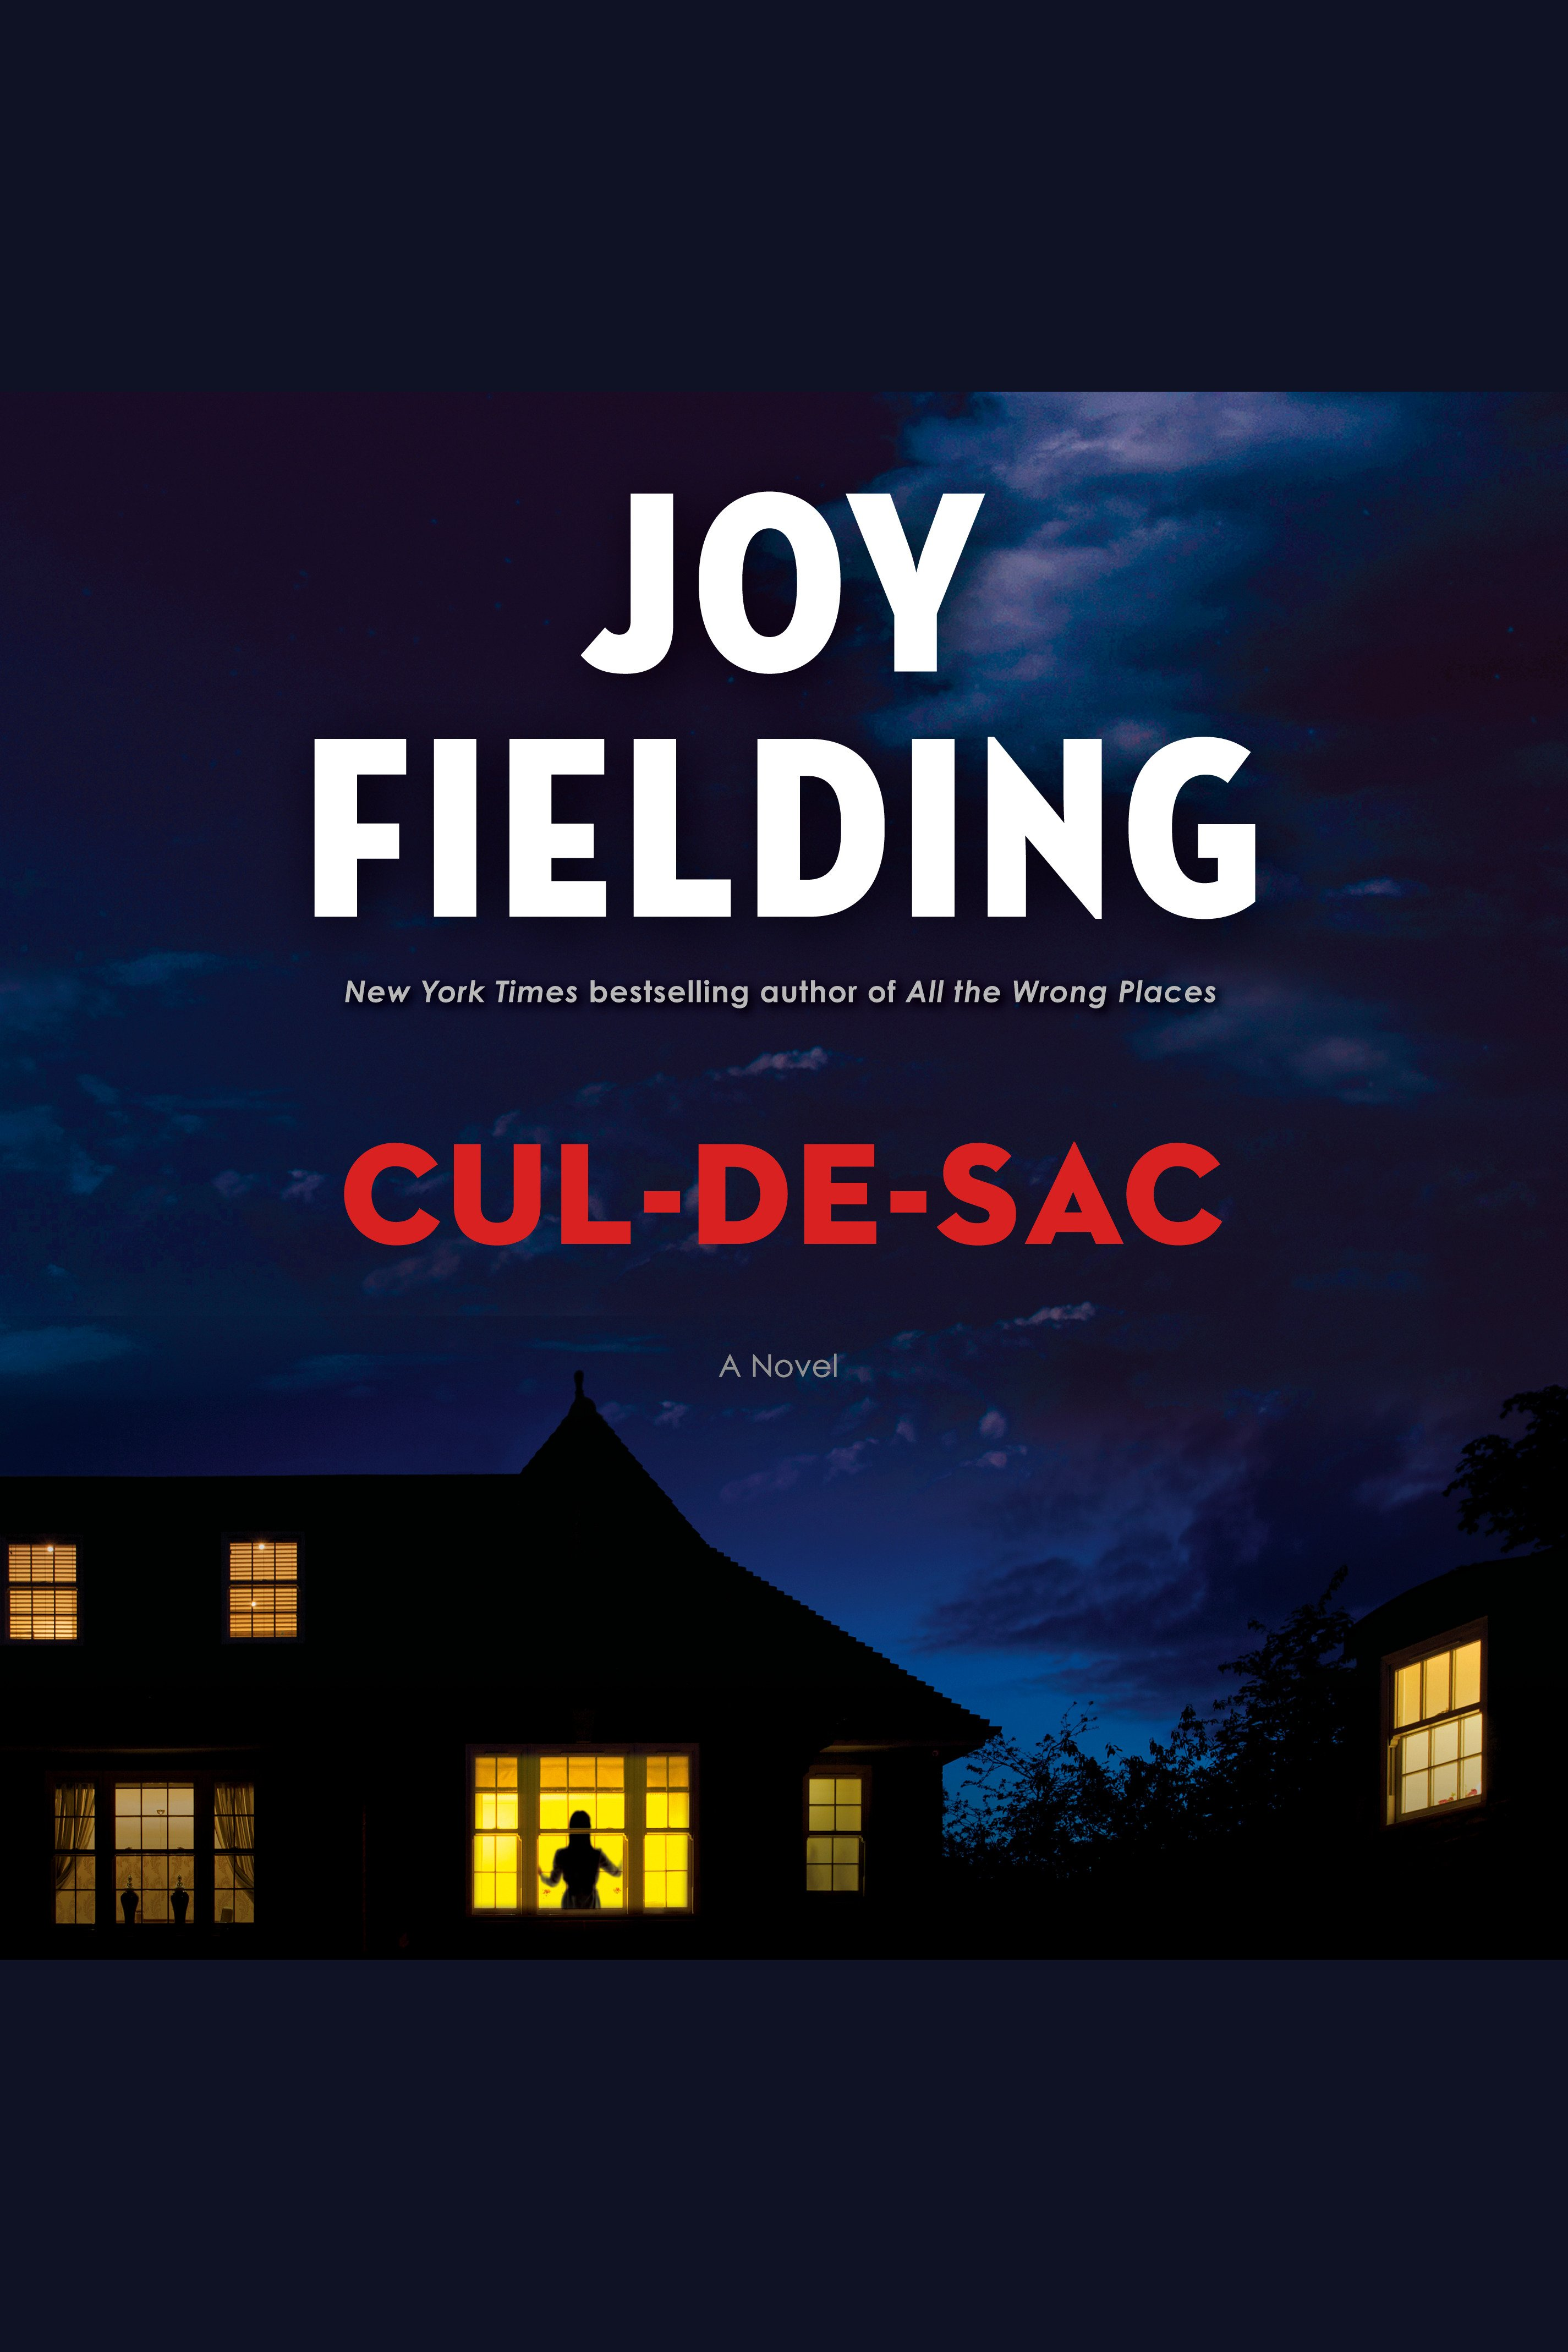 Cul-de-sac A Novel